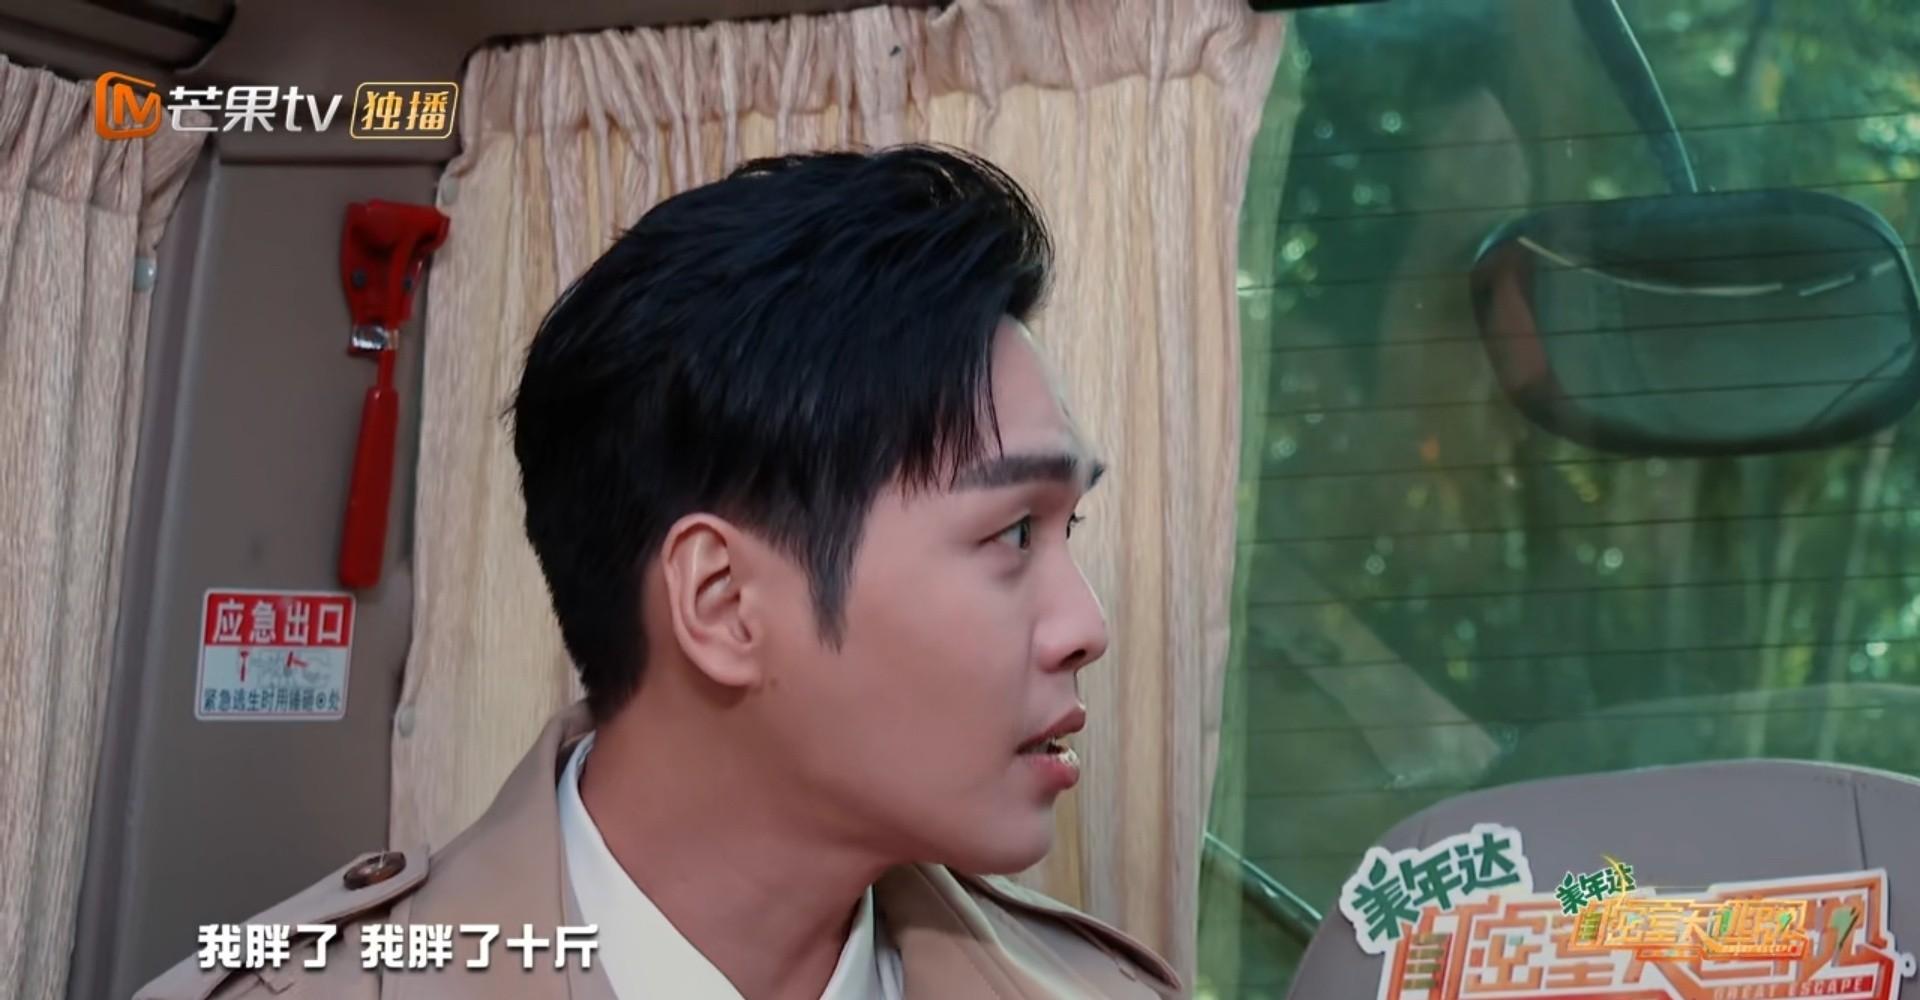 张若昀在《密室大逃脱》中爆料自己当爸爸后陪吃月子餐胖了十斤